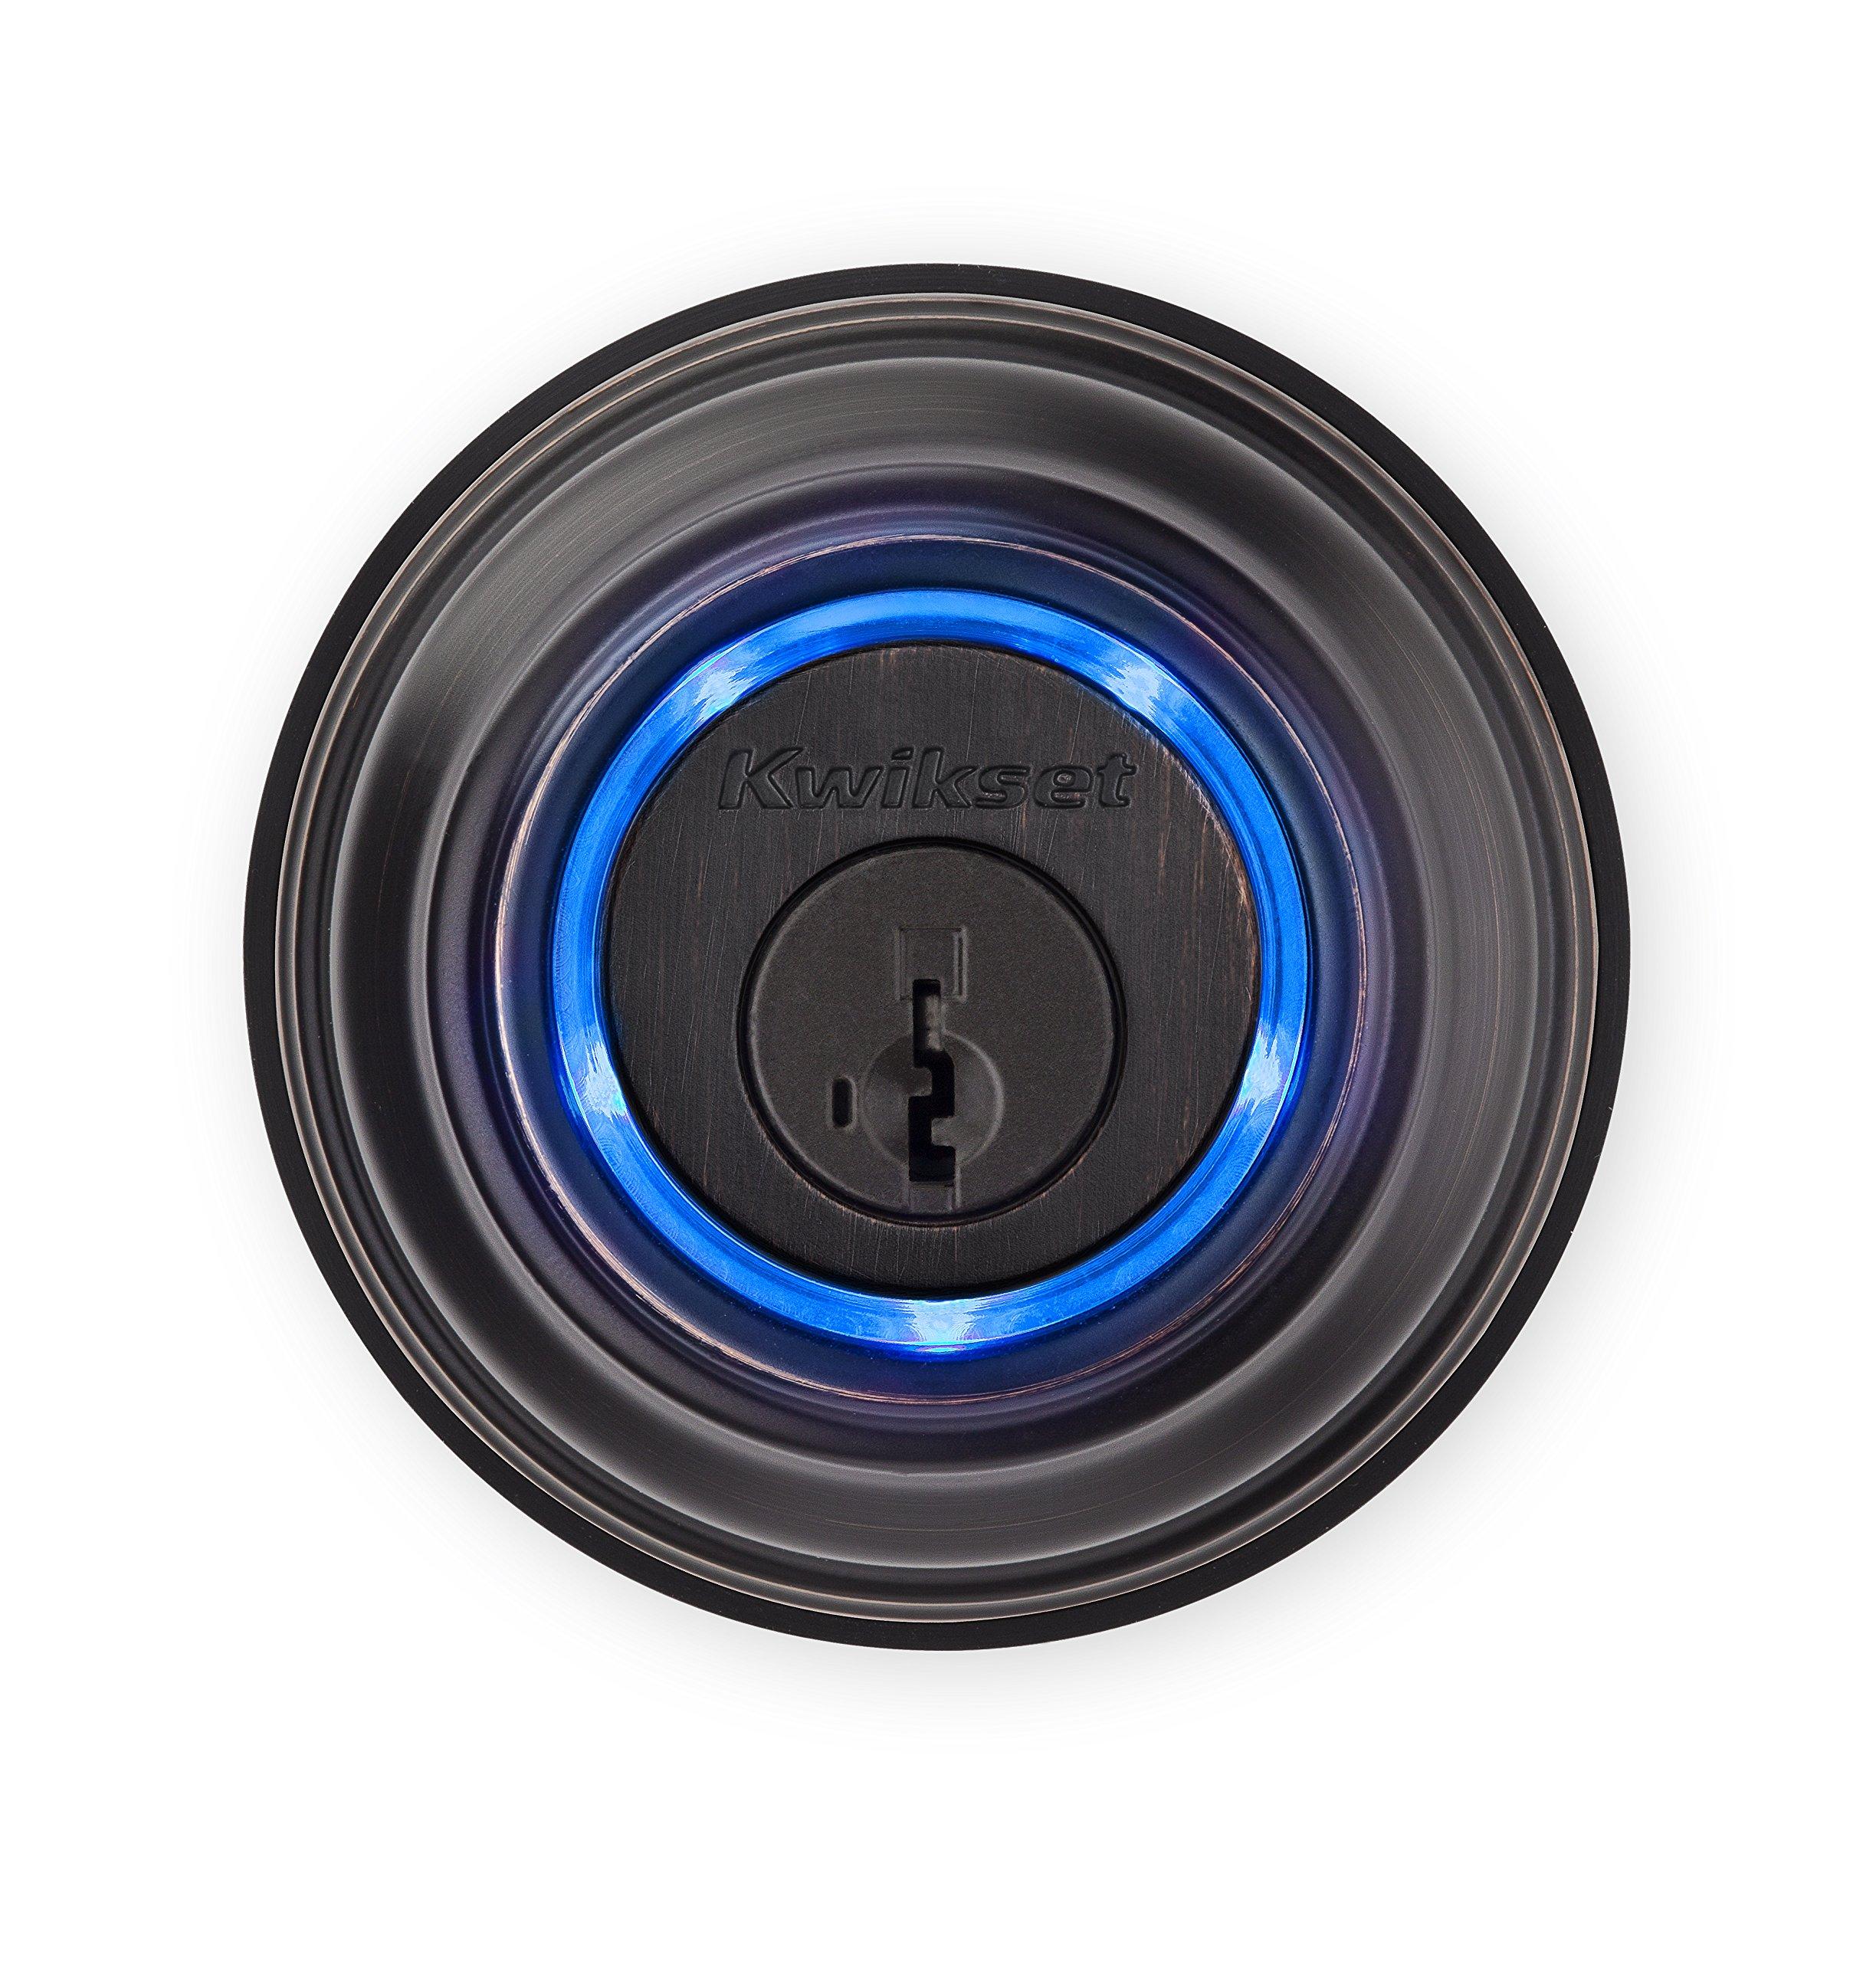 Kwikset Kevo (2nd Gen) Touch-to-Open Bluetooth Smart Lock, Works with Amazon Alexa via Kevo Plus, in Venetian Bronze by Kwikset